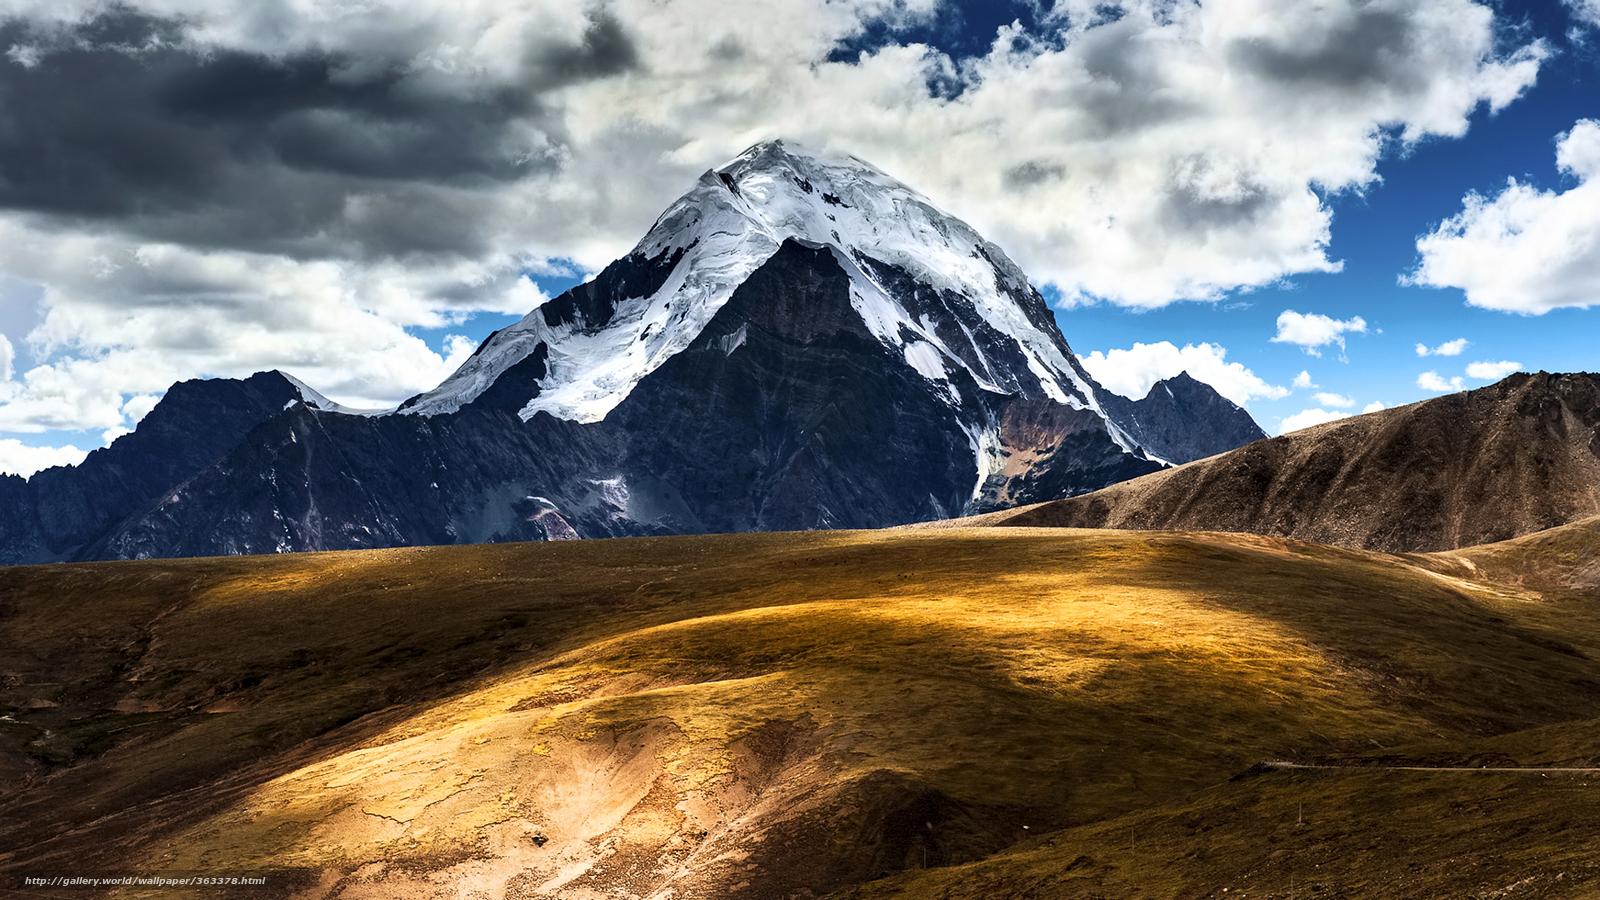 wallpaper China Tibet Mountains clouds desktop wallpaper 1600x900